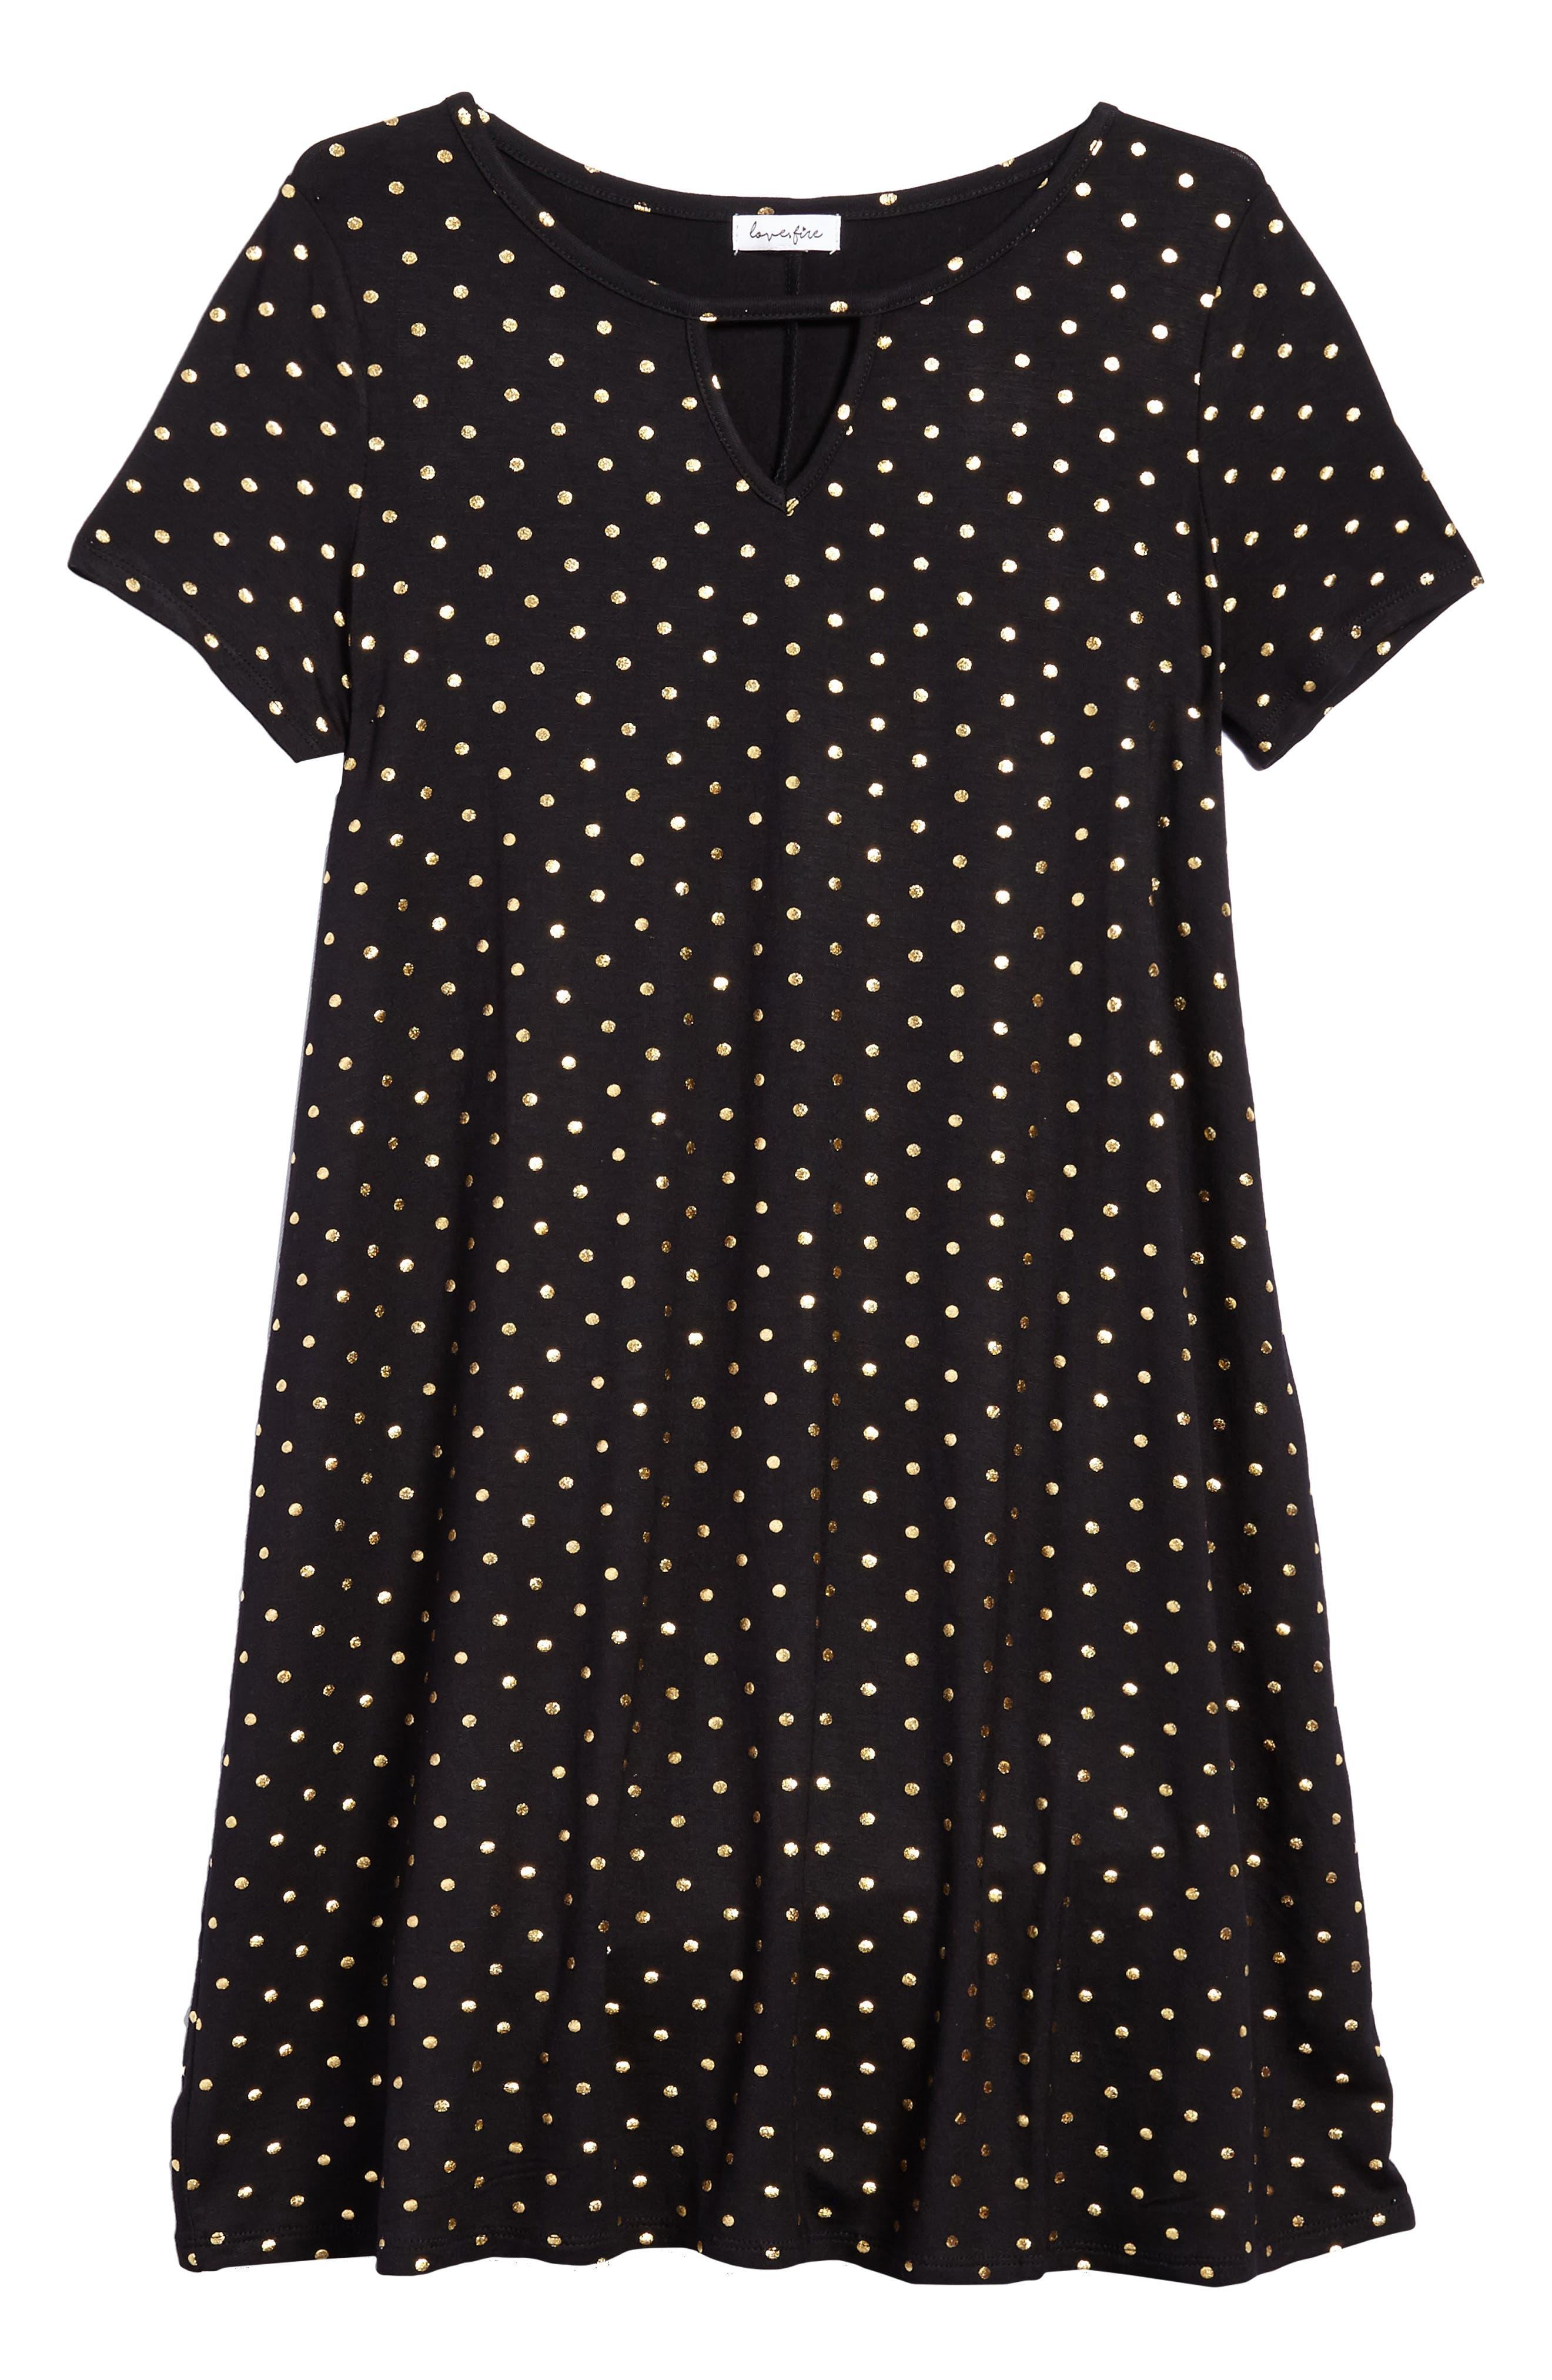 Foil Polka Dot Jersey Dress,                         Main,                         color, Black/ Gold Foil